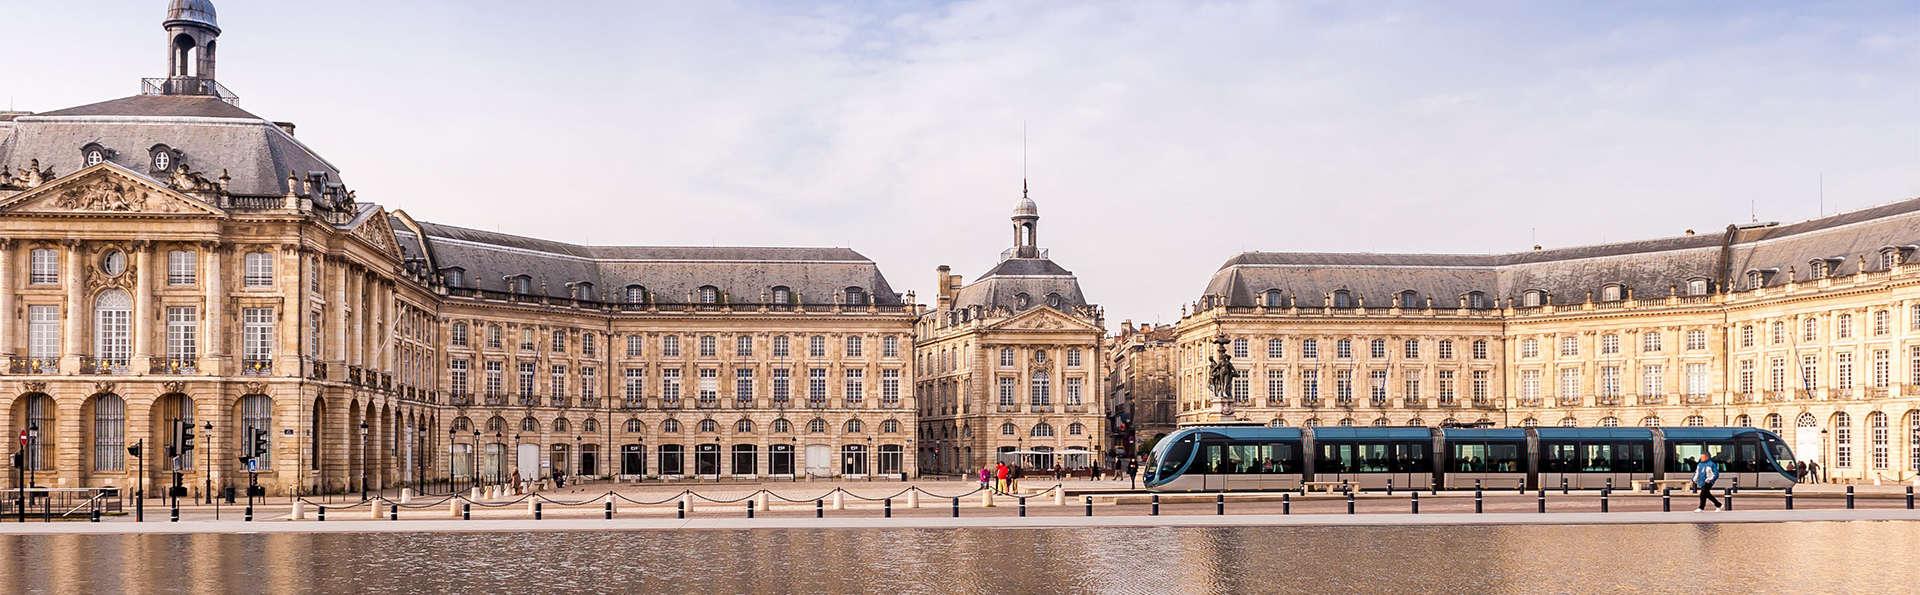 Mercure Bordeaux Château Chartrons - EDIT_destination3.jpg